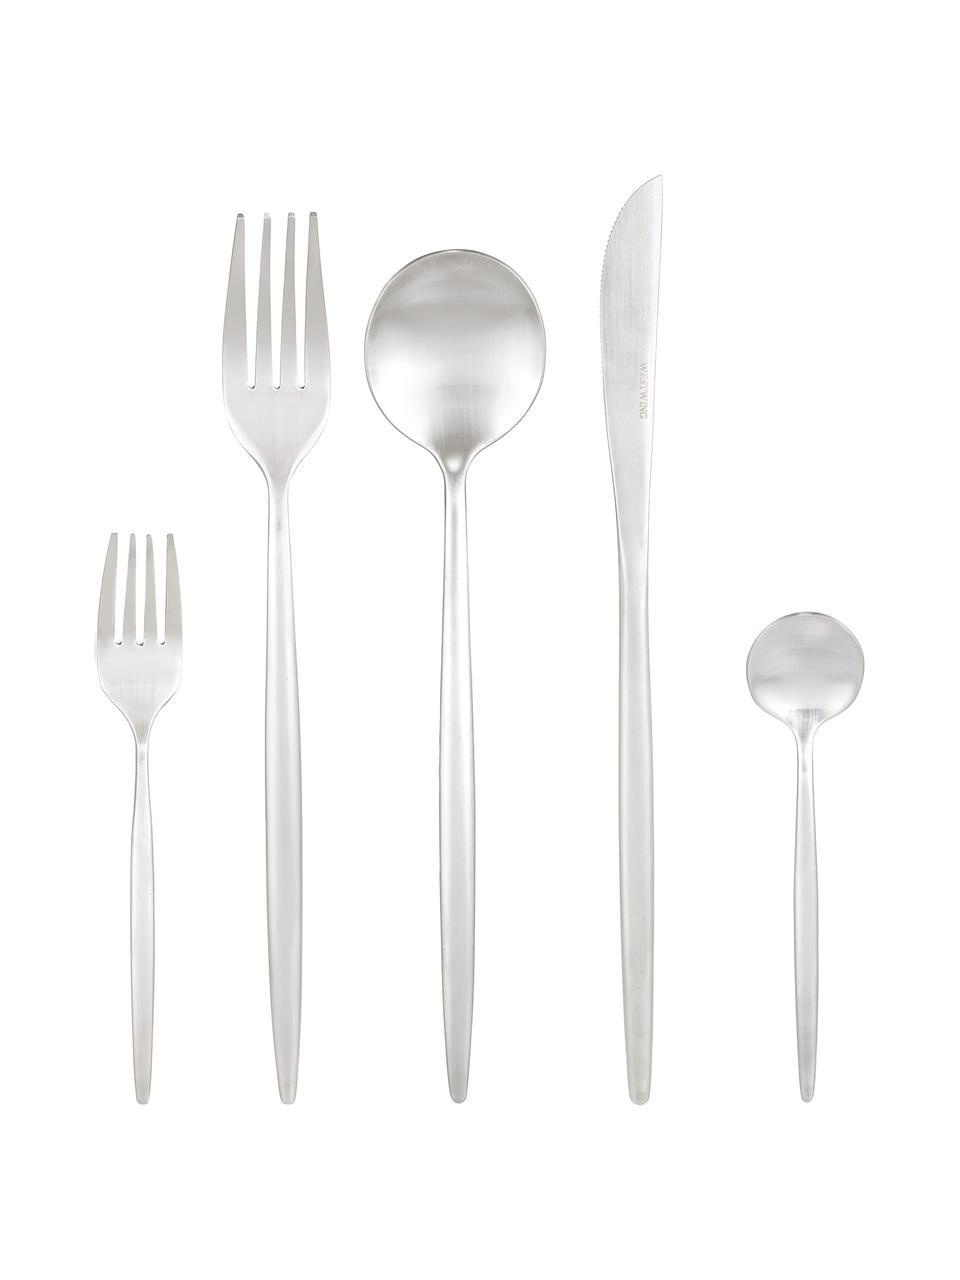 Silberfarbenes Besteck-Set Kaylah aus Edelstahl, in verschiedenen Setgrößen, Messer: Edelstahl 13/0, Silber, 4 Personen (20-tlg.)